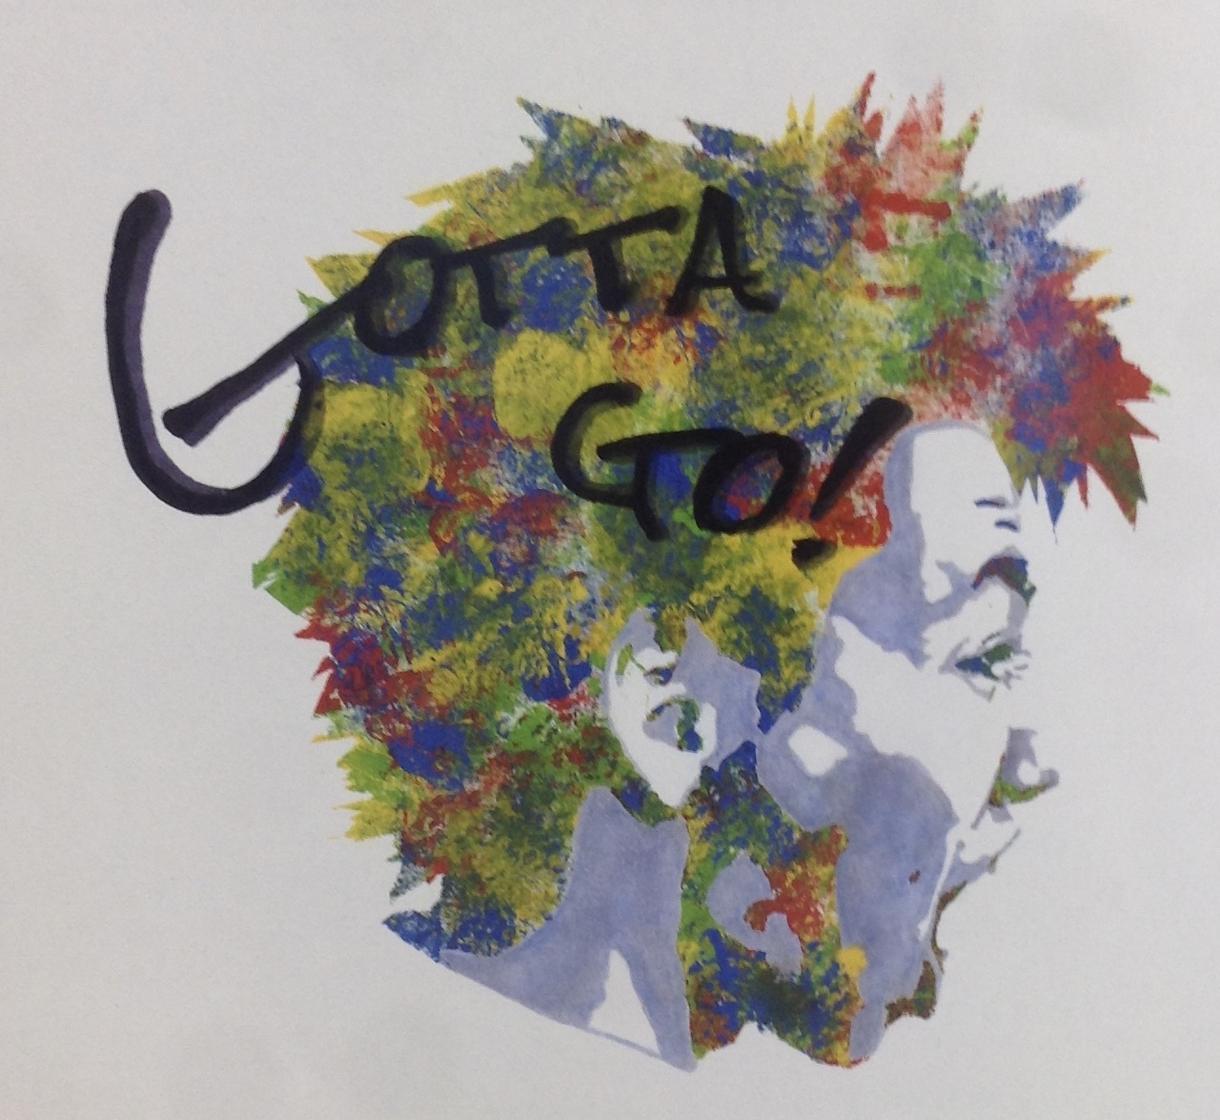 なんでもデザインします ロゴマークやポスター、名刺から看板まで多種多様なデザインを。